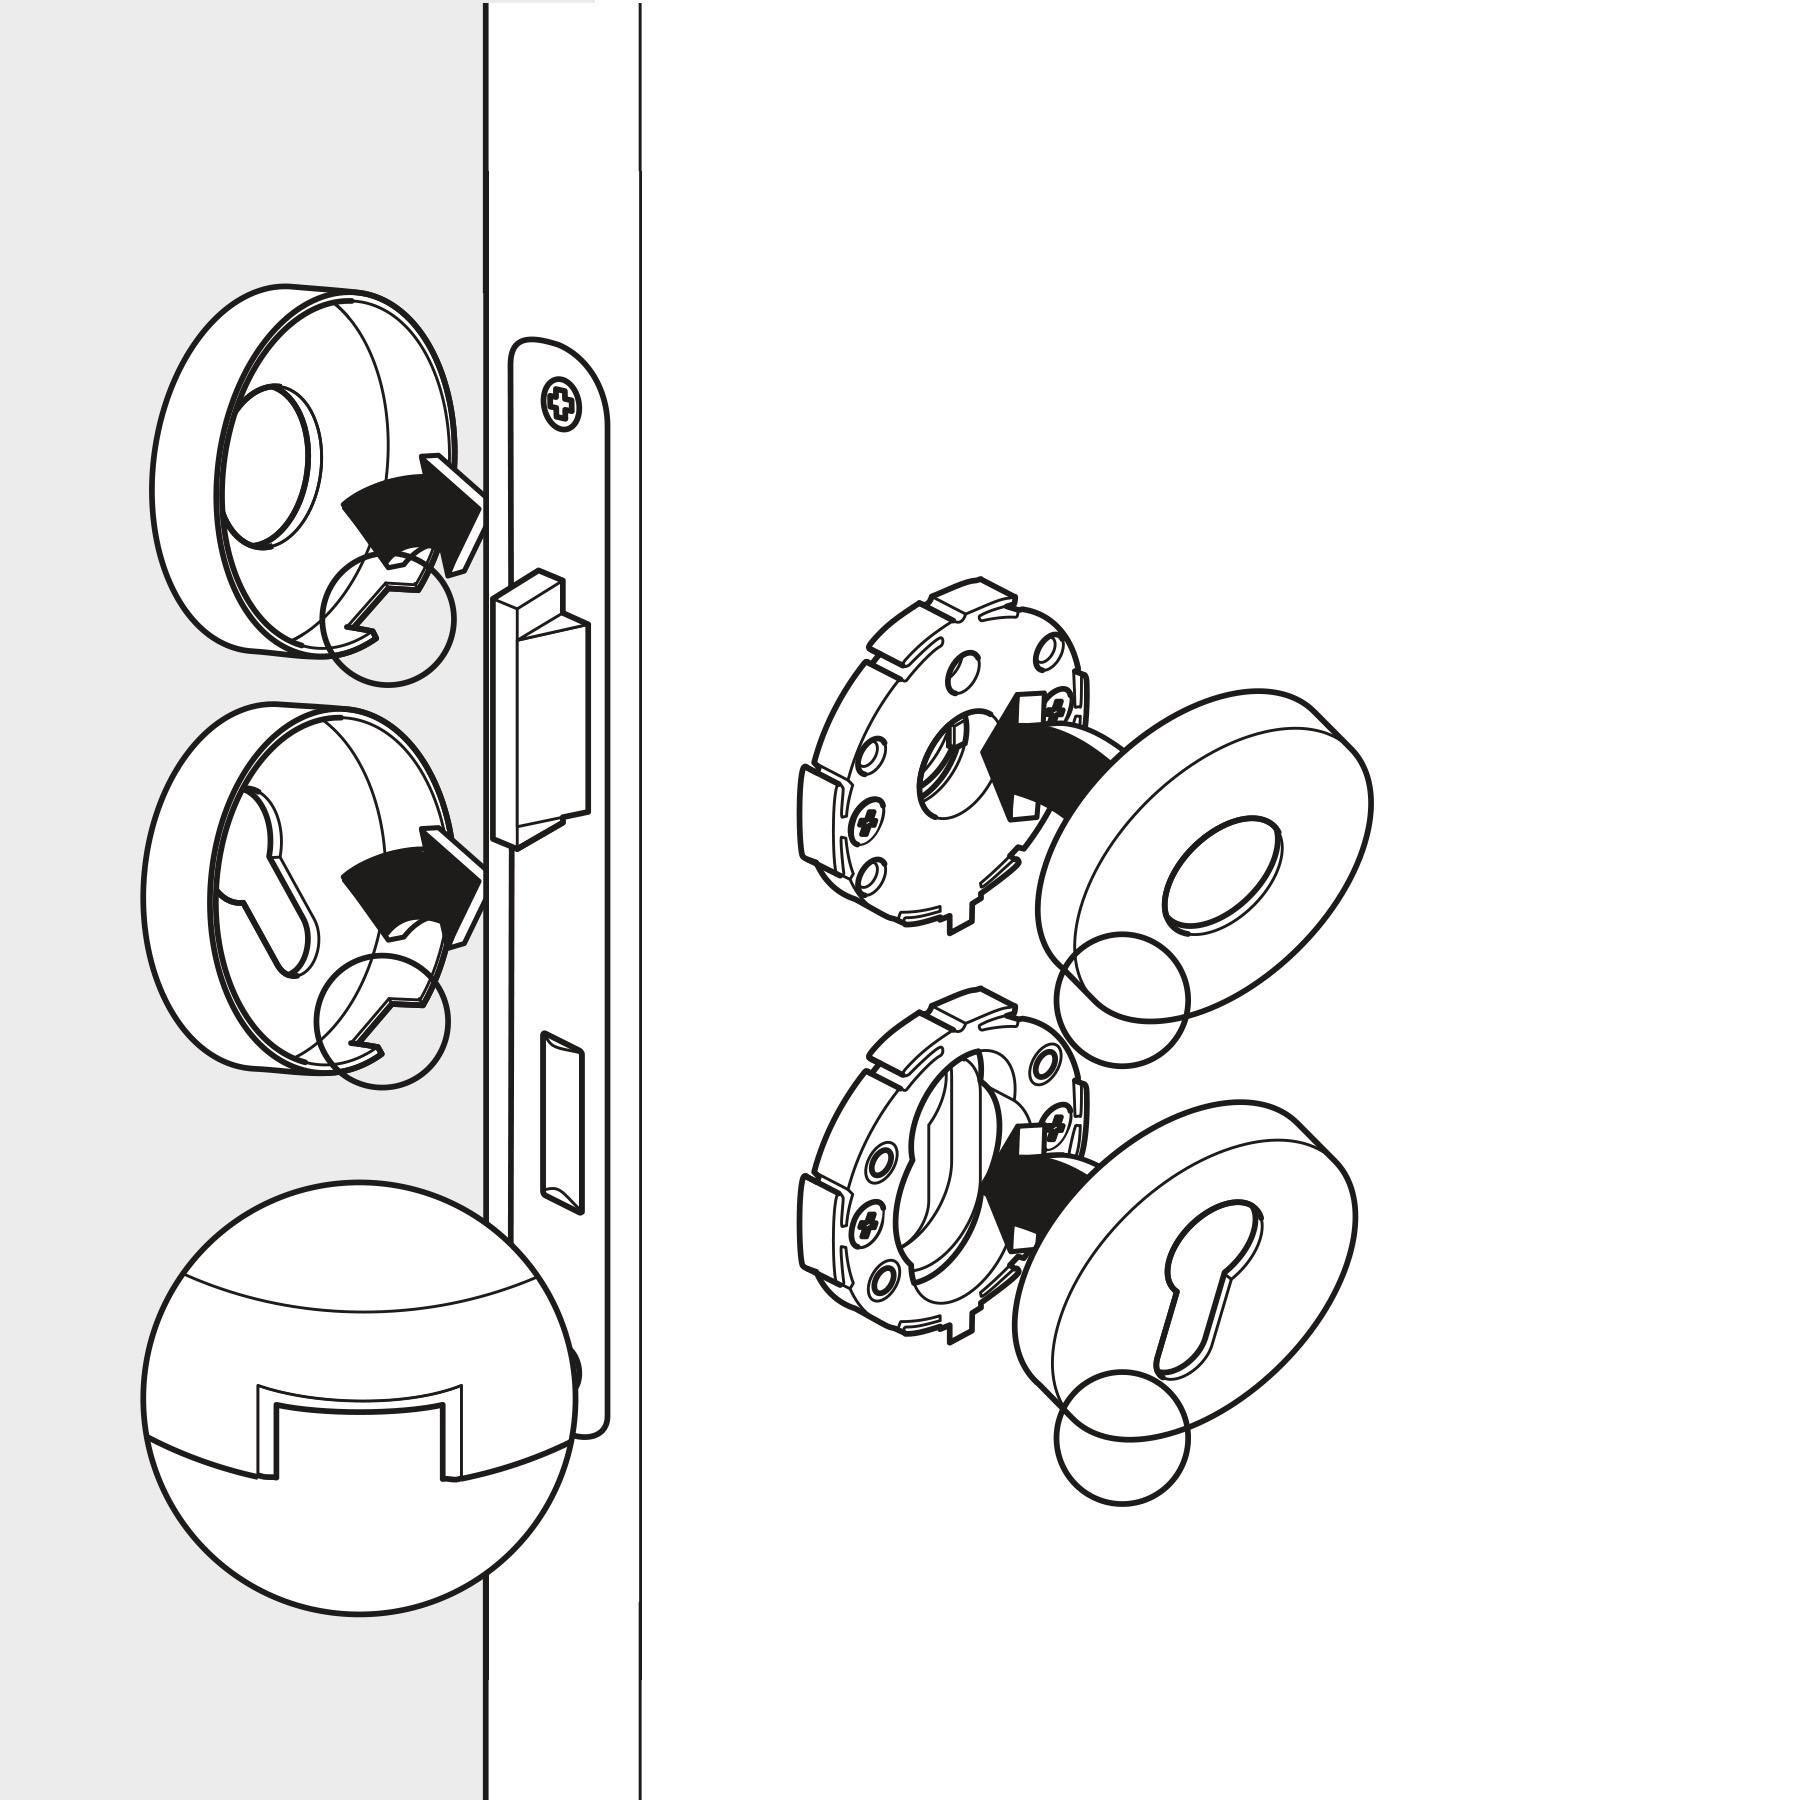 Illustration Strichzeichnung Montageschritt Beschlag Schritt 2